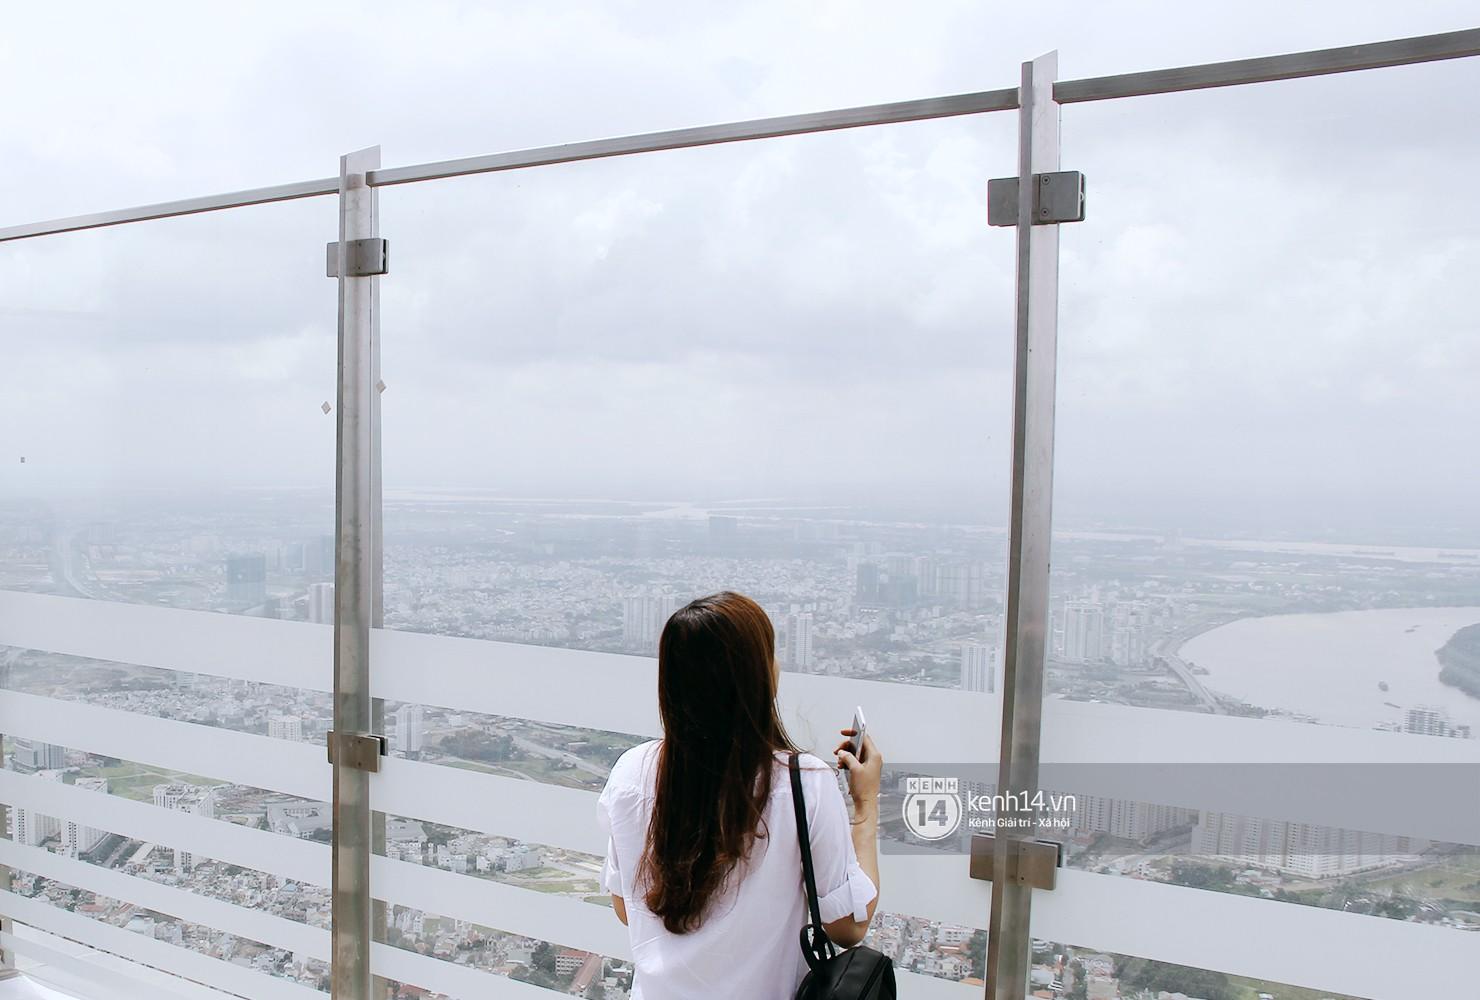 Chùm ảnh: Đứng ở tầng cao nhất Landmark 81, nhìn toàn cảnh Sài Gòn đẹp và bình yên đến thế! - Ảnh 3.